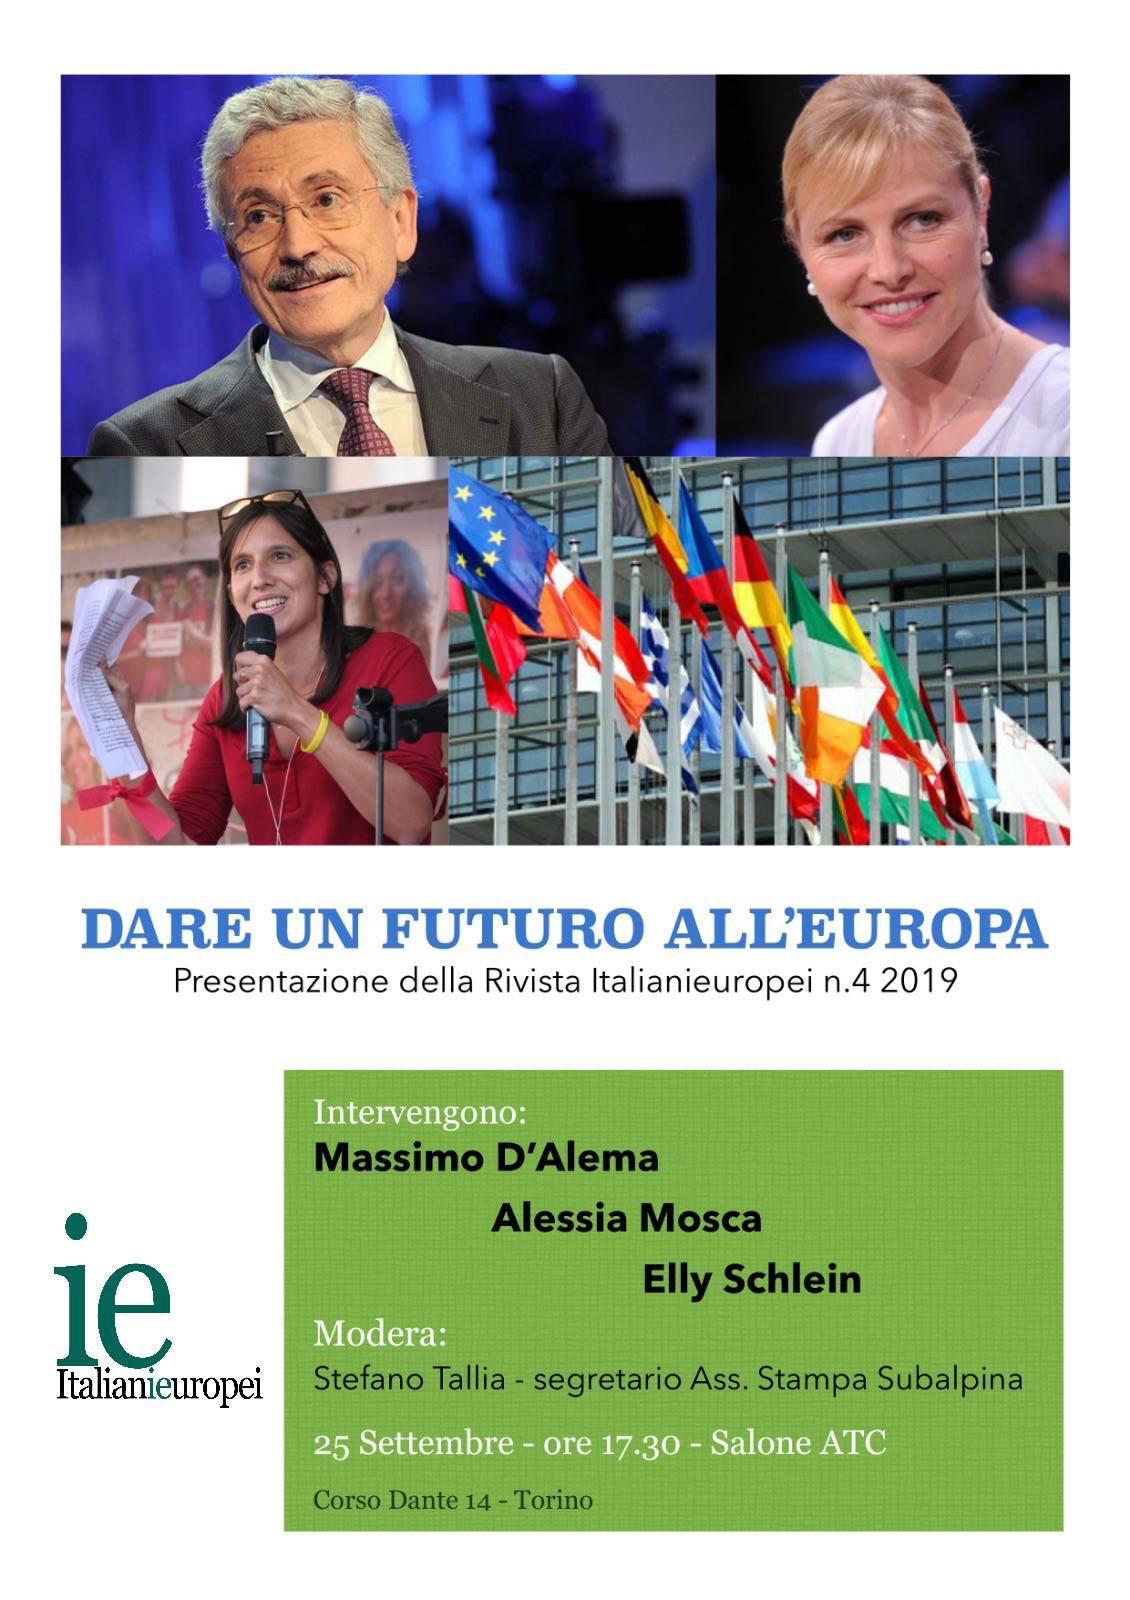 Dare un futuro all'Europa